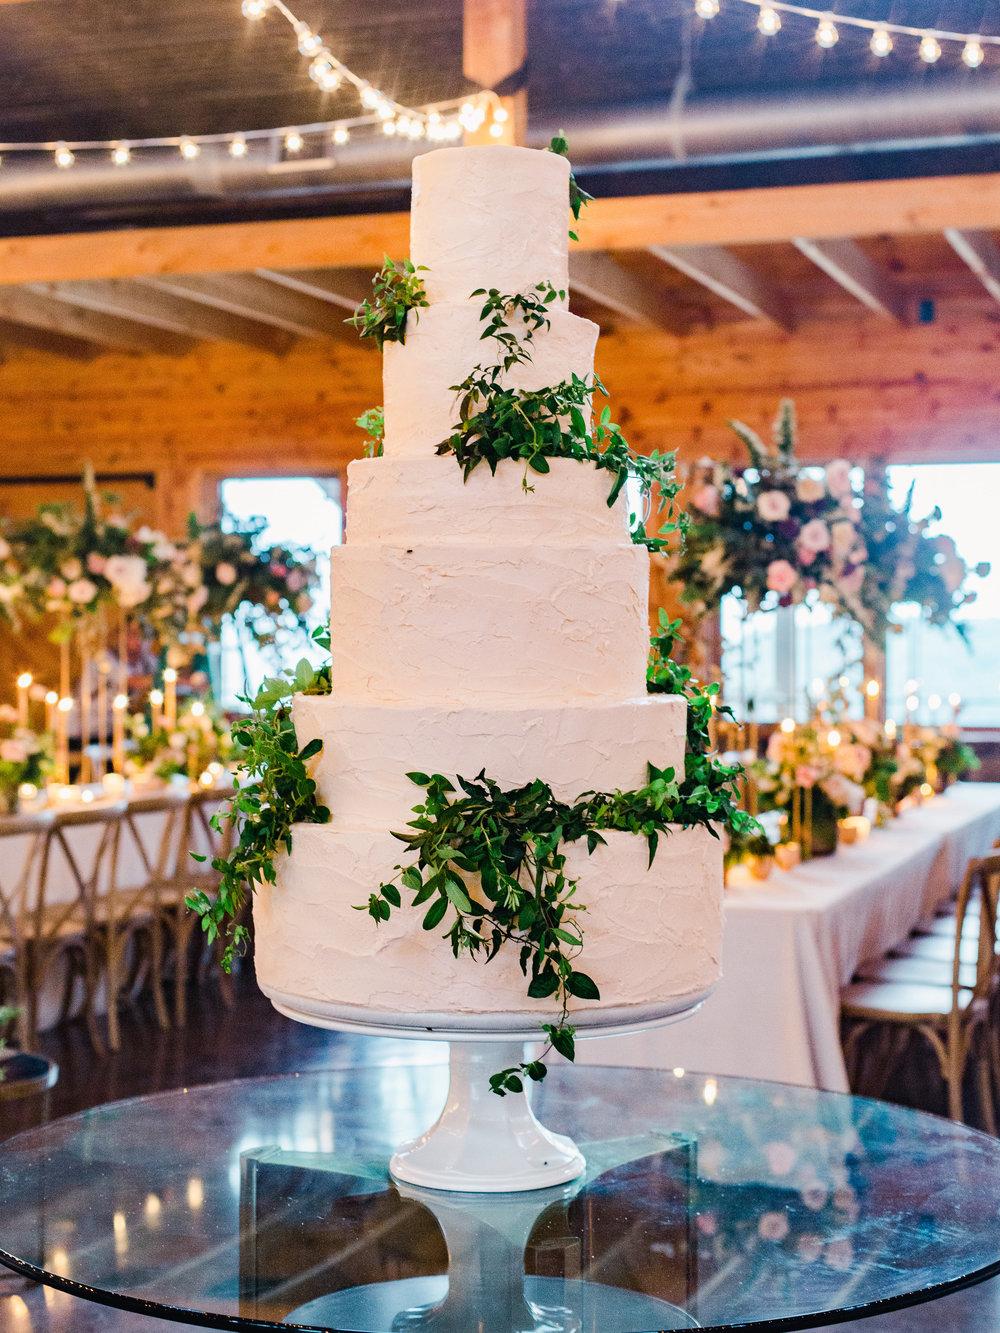 jessica-zimmerman-events-arkansas-wedding-martha-stewart-feature-reception-cake.jpg